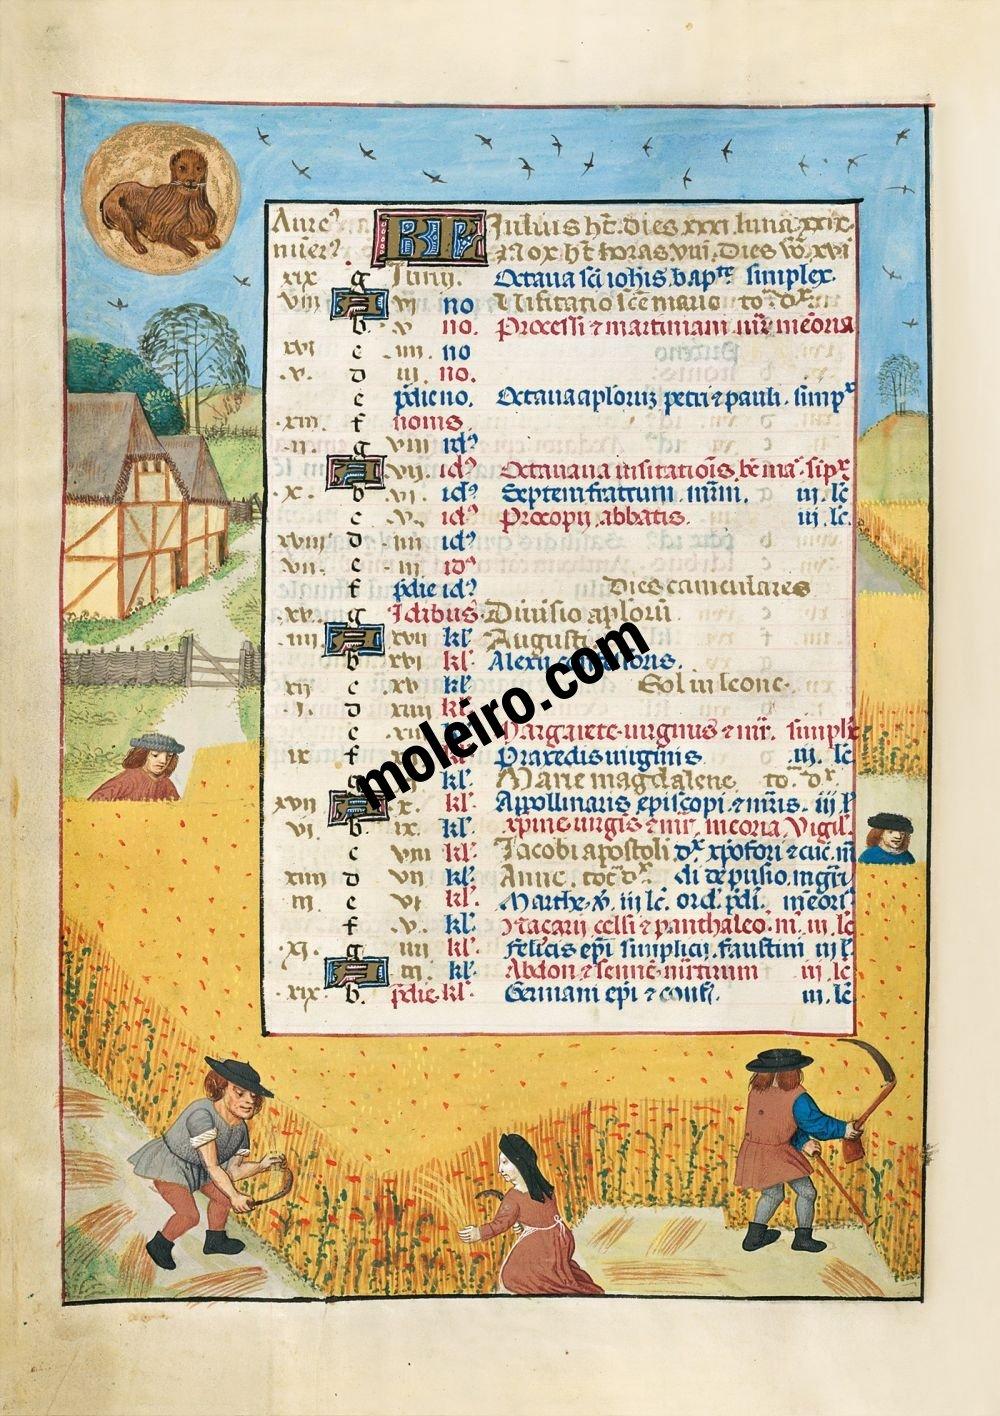 Julio en el calendario del Breviario de Isabel la Católica (última década del s. XV, Flandes) Ms. 18851, The British Library, Londres